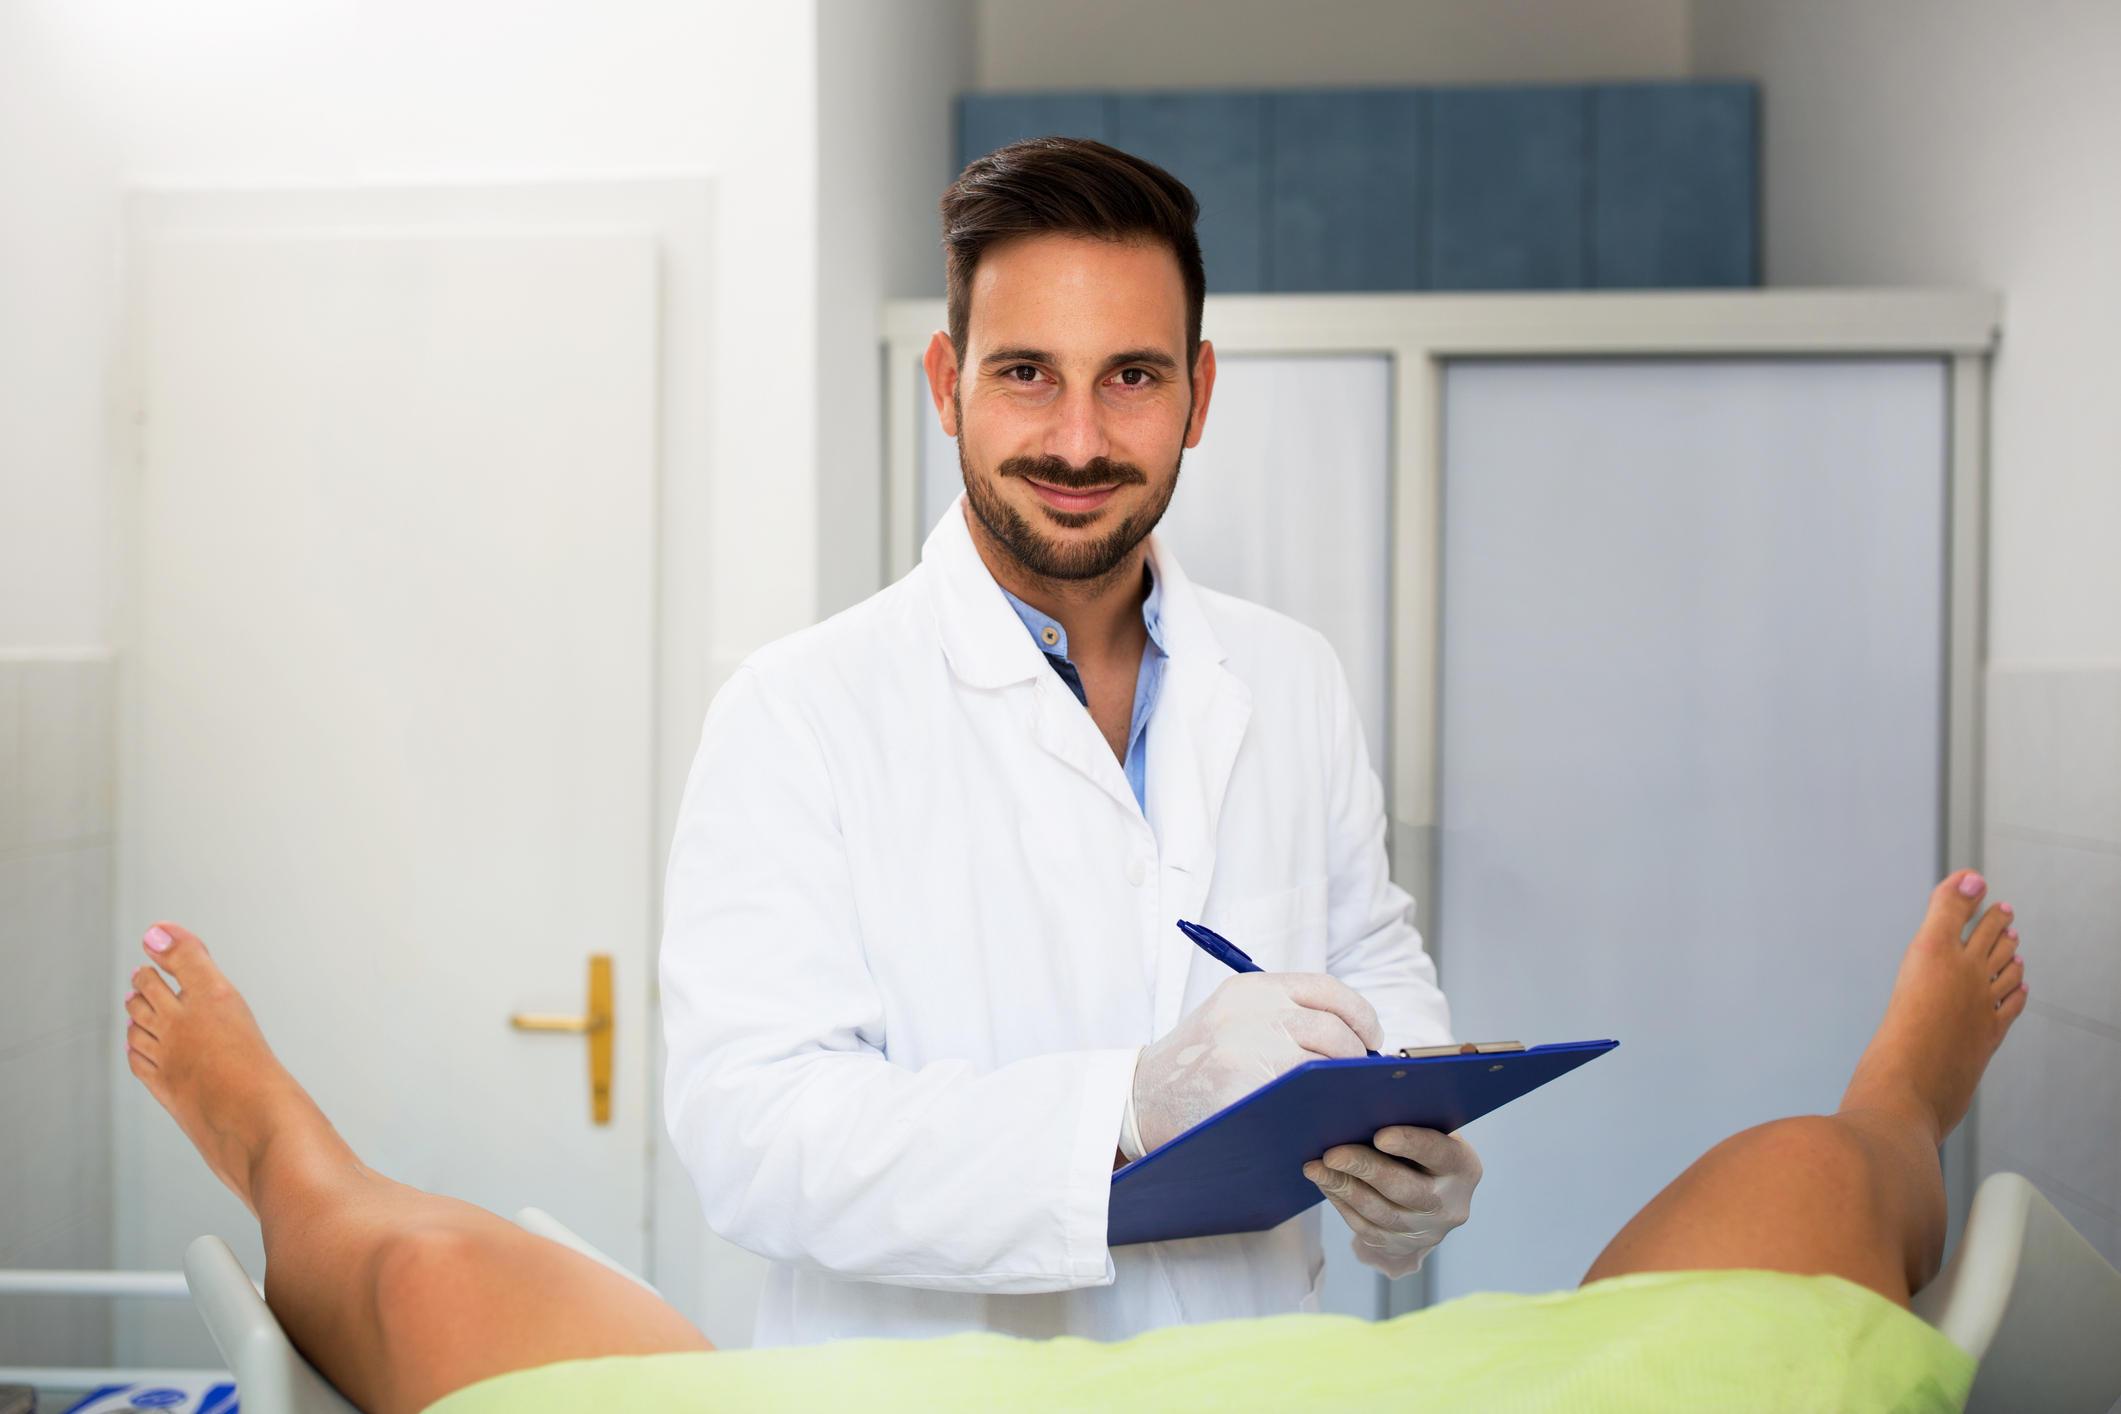 Warum wird ein Mann Frauenarzt? Und andere heikle Fragen